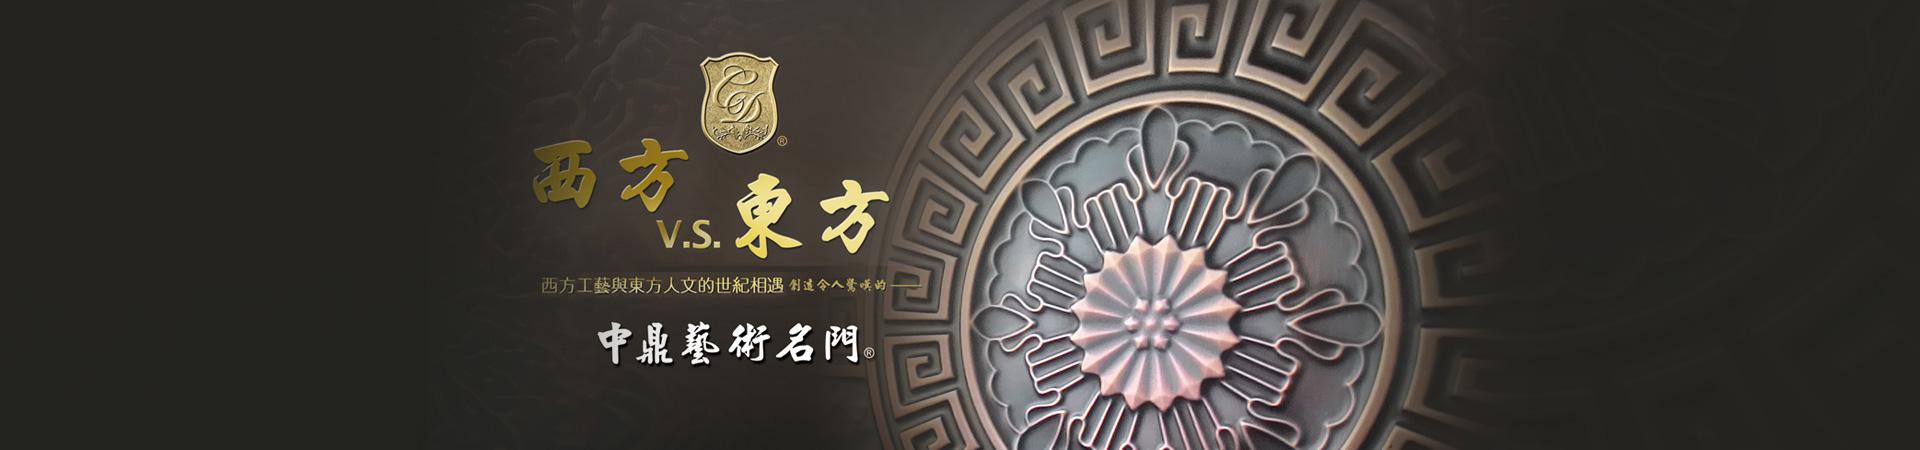 中鼎防火門板橋展示中心